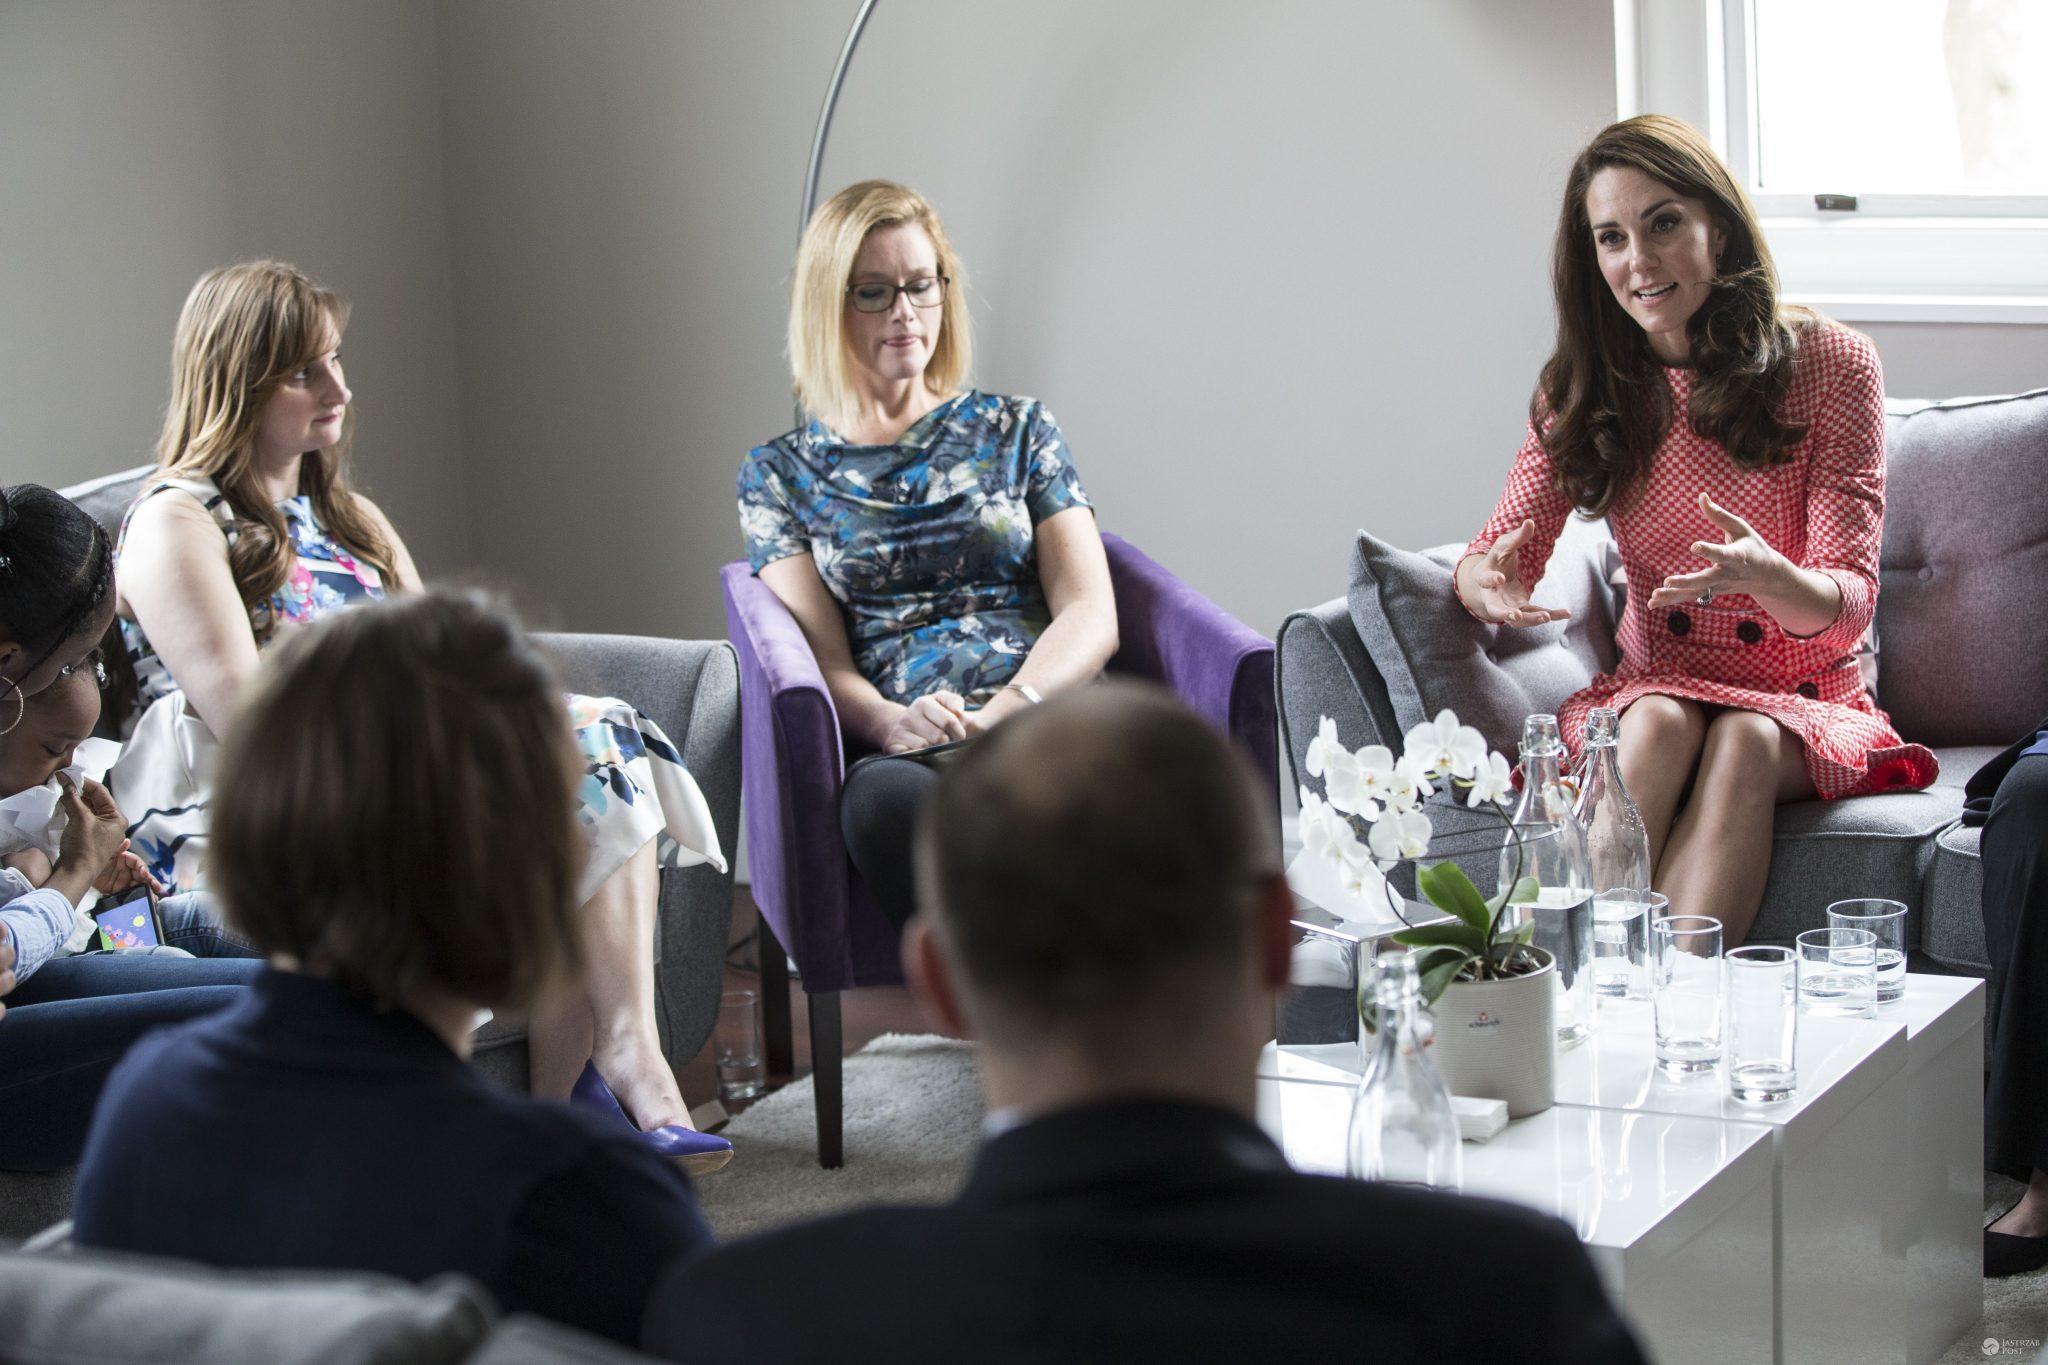 Księżna Kate jaki ma pseudonim na forum?